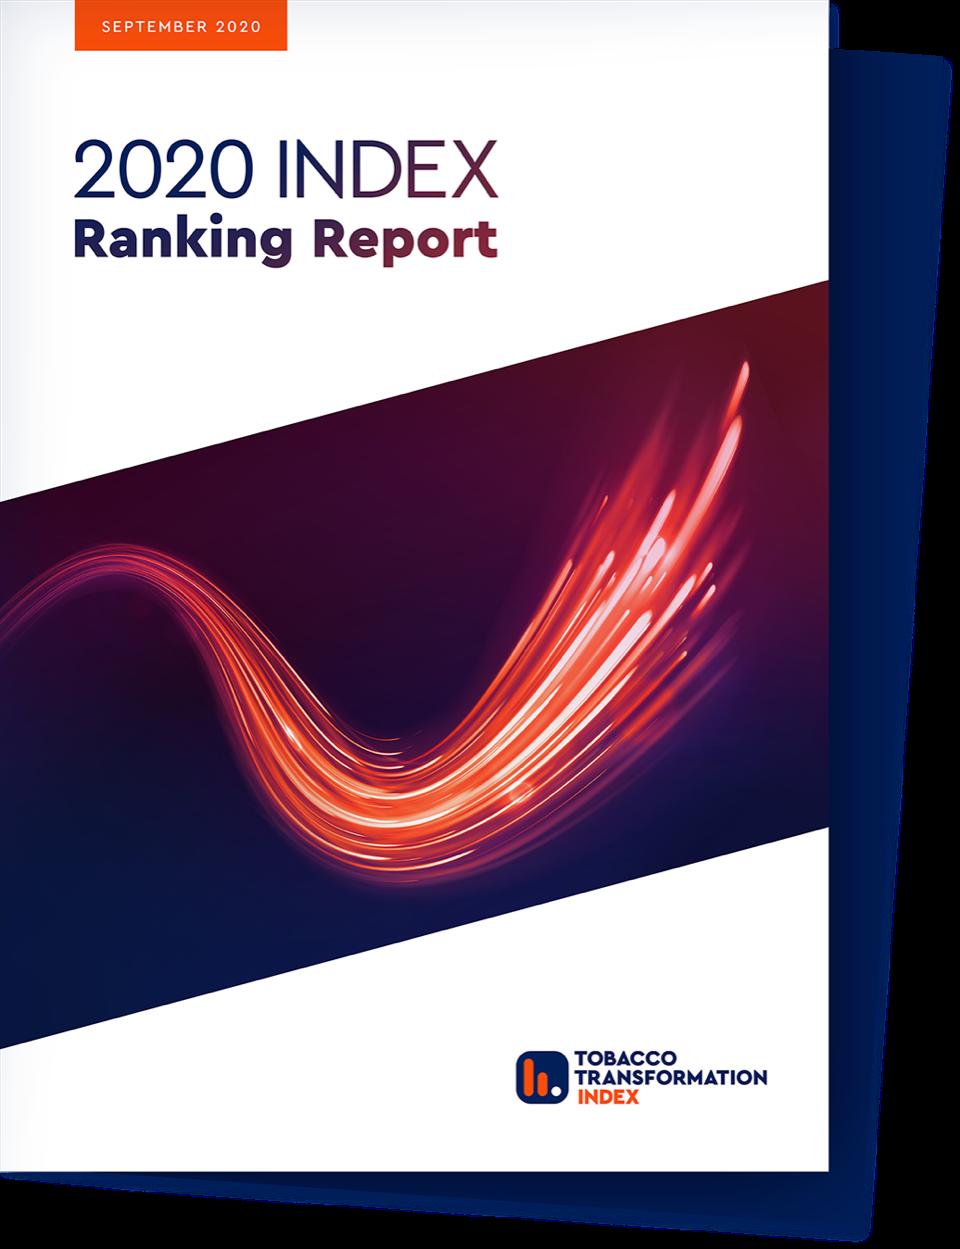 Informe de clasificación del Índice de Transformación del Tabaco ™ 2020